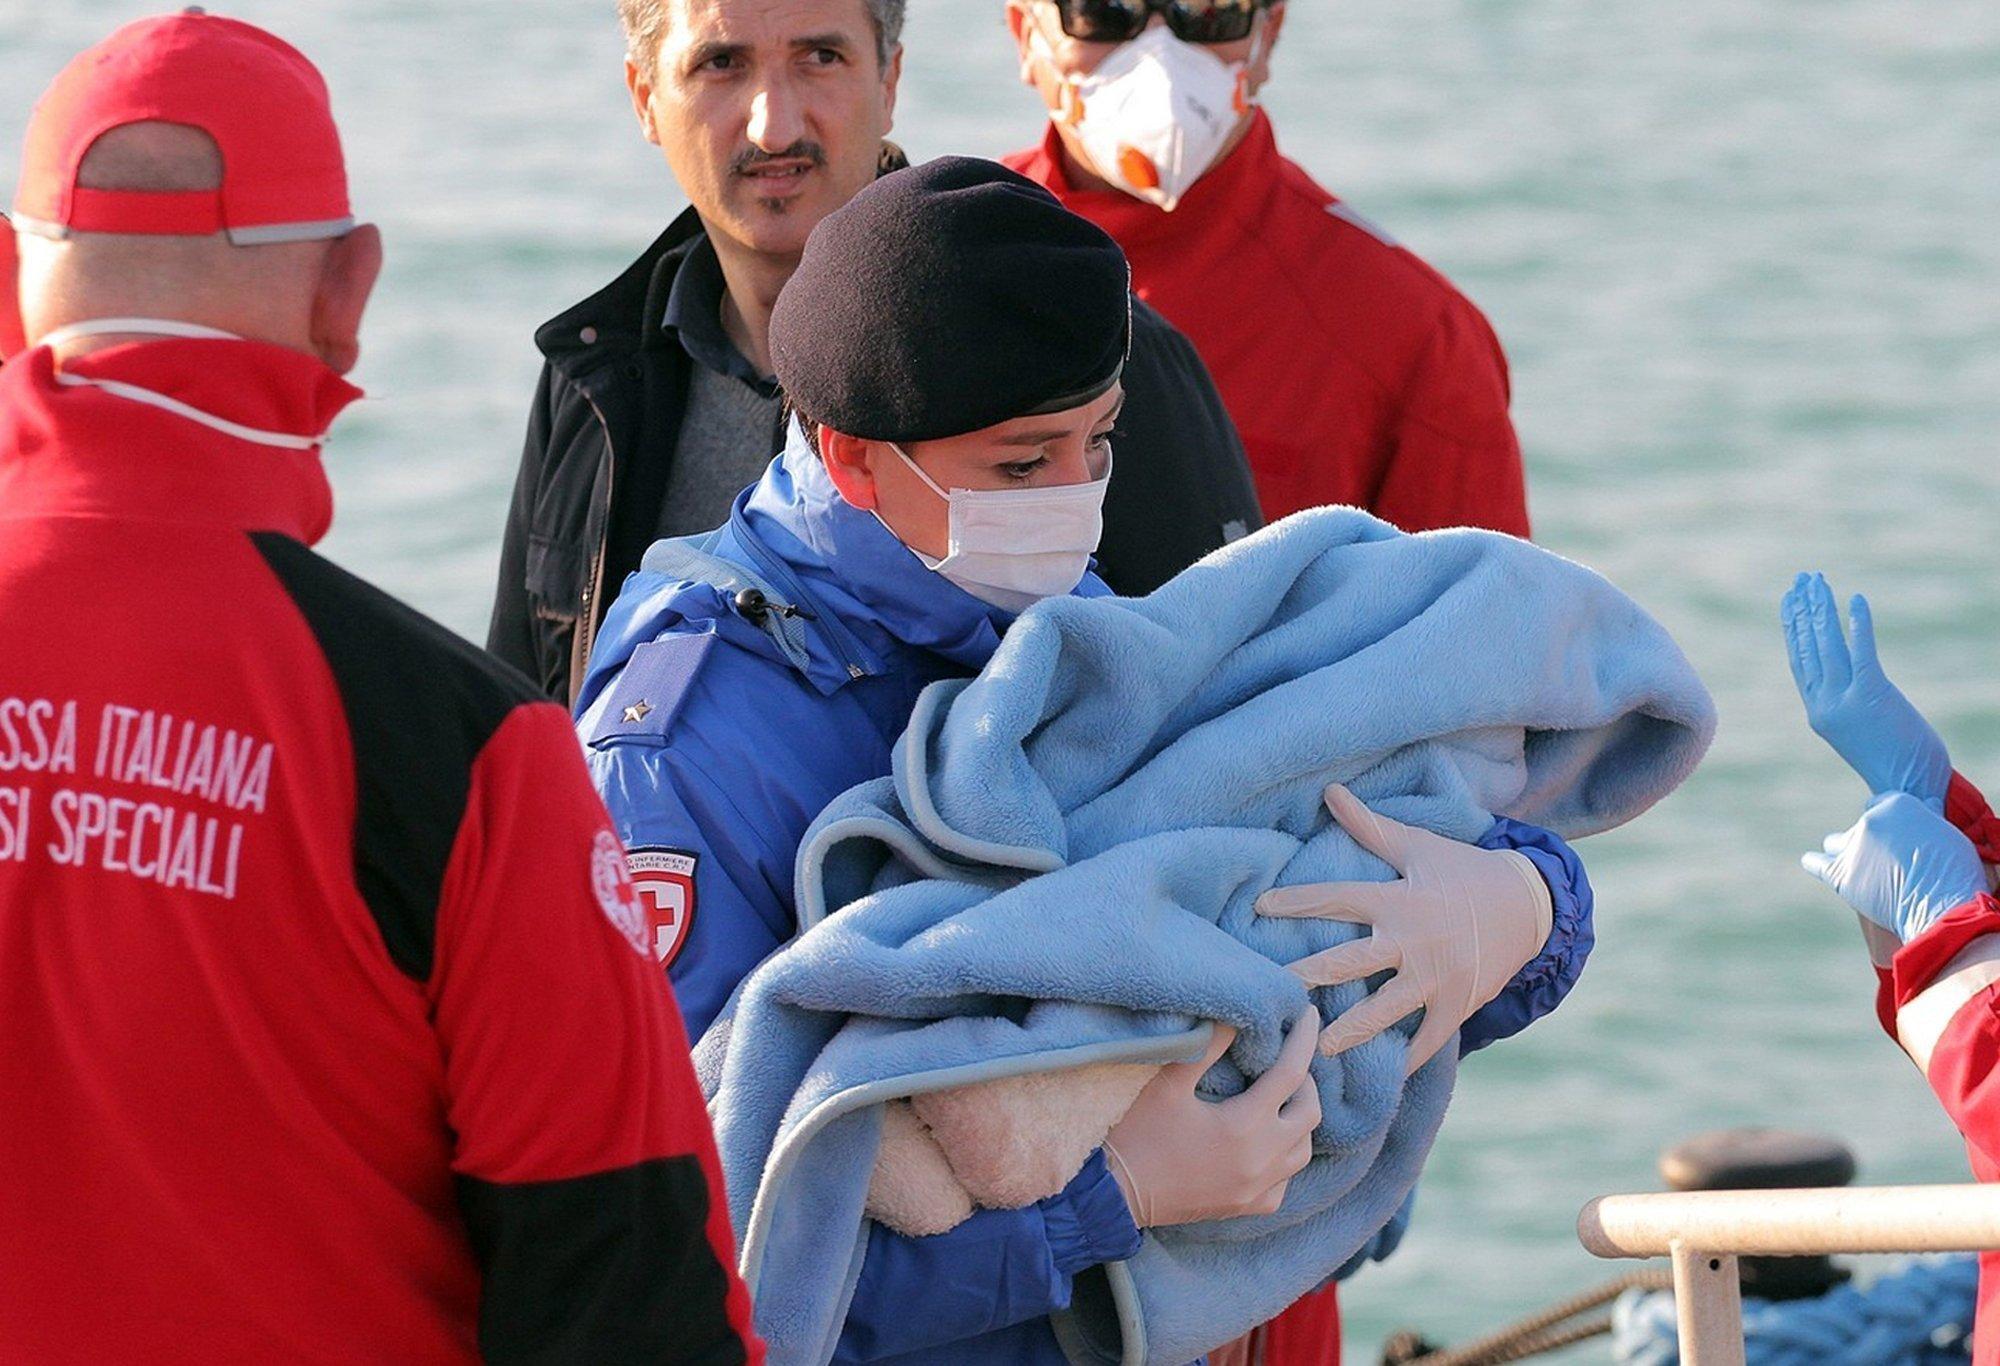 Волонтер Красного креста со спасенным ребенком во время спасательной операции береговой охраны Италии у острова Сицилия.